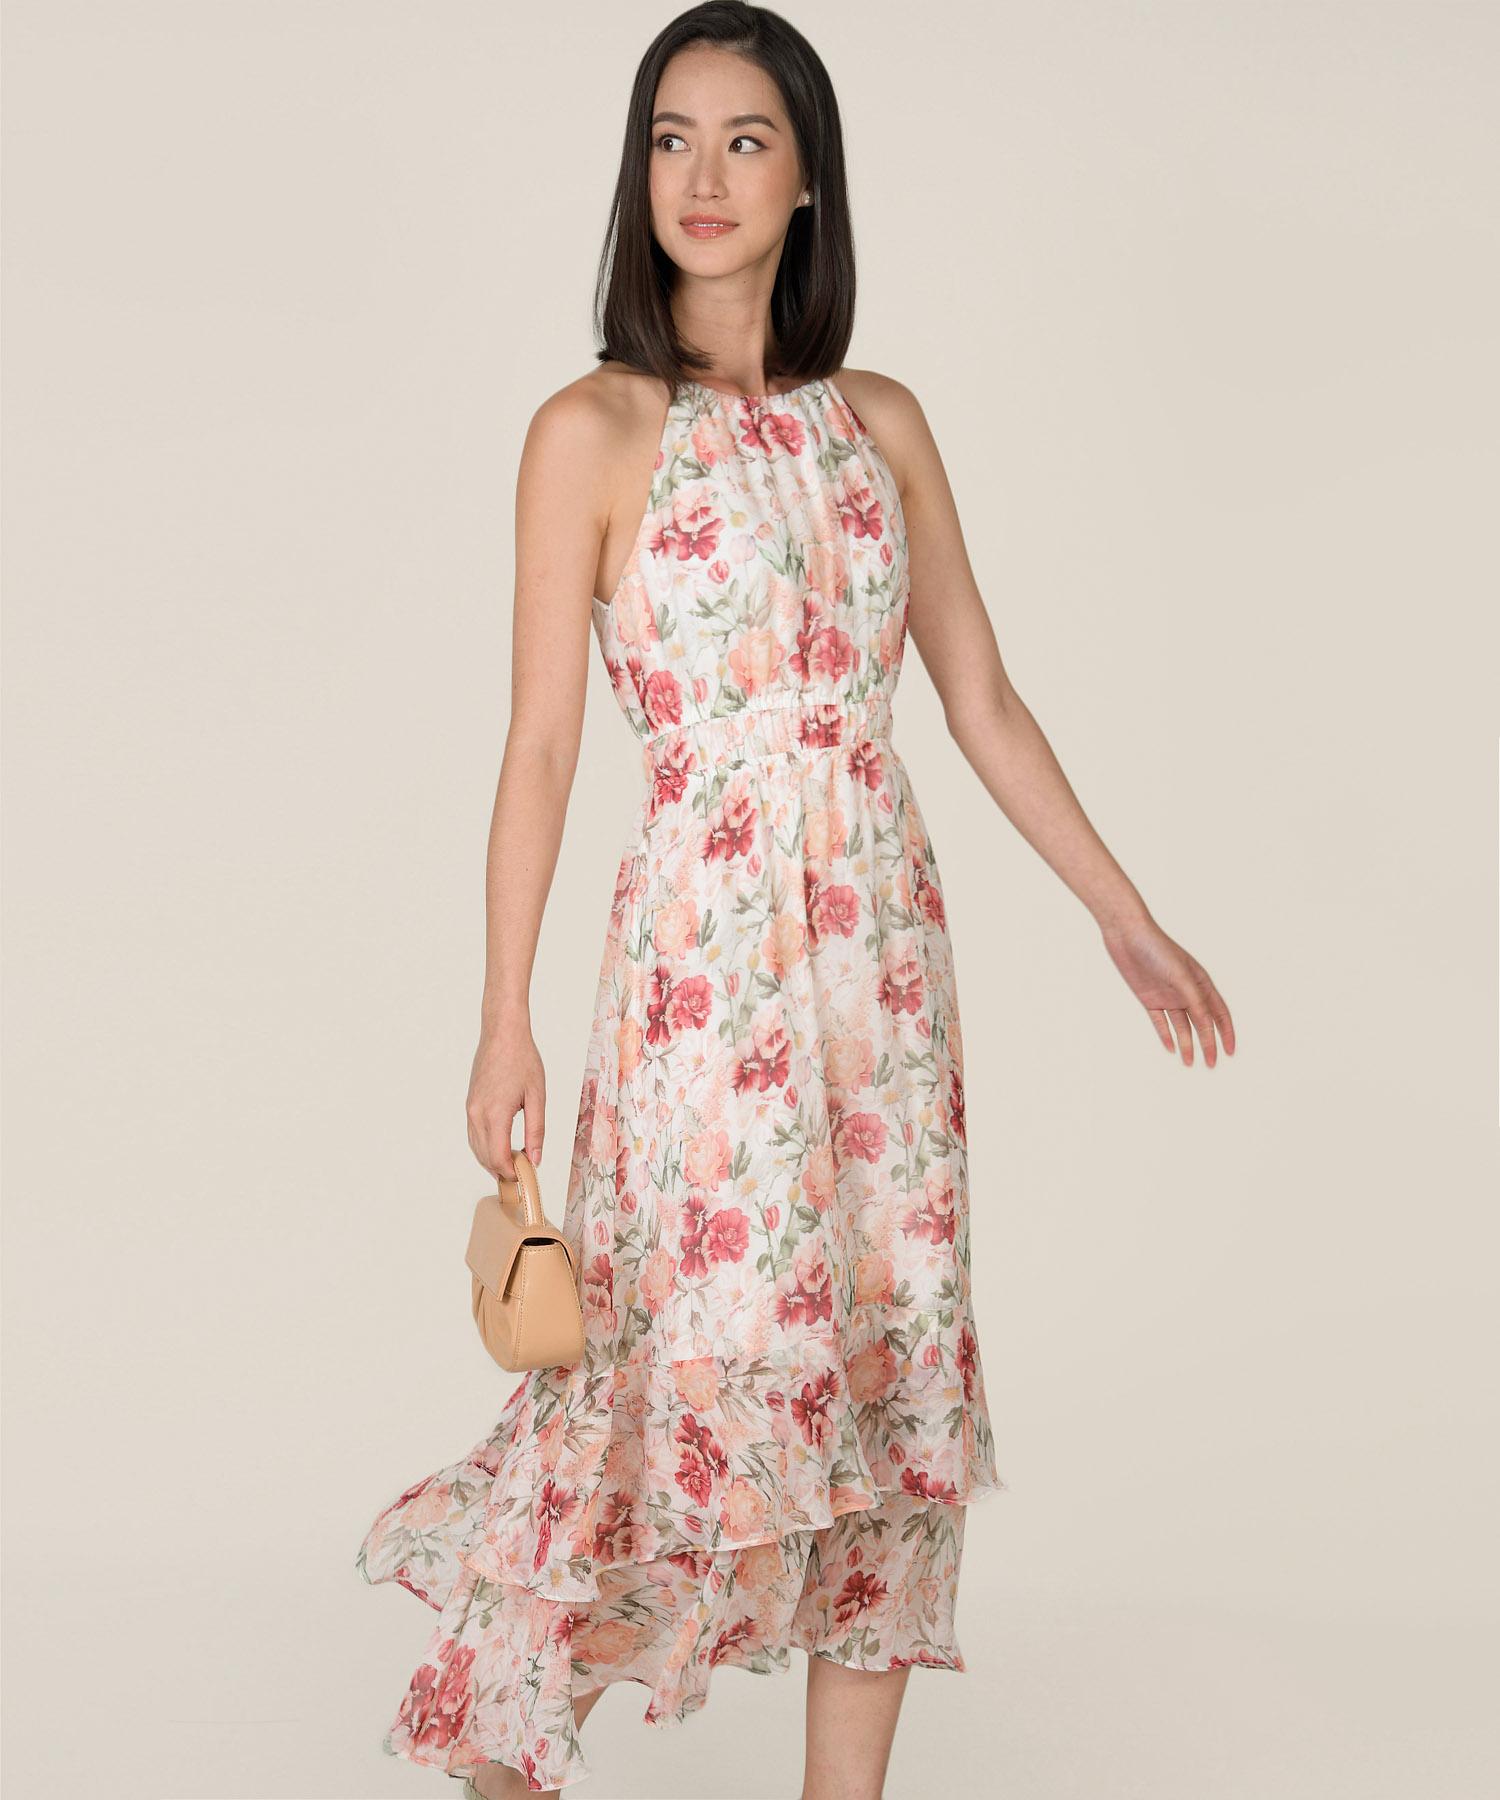 Darja floral halter maxi dress in white